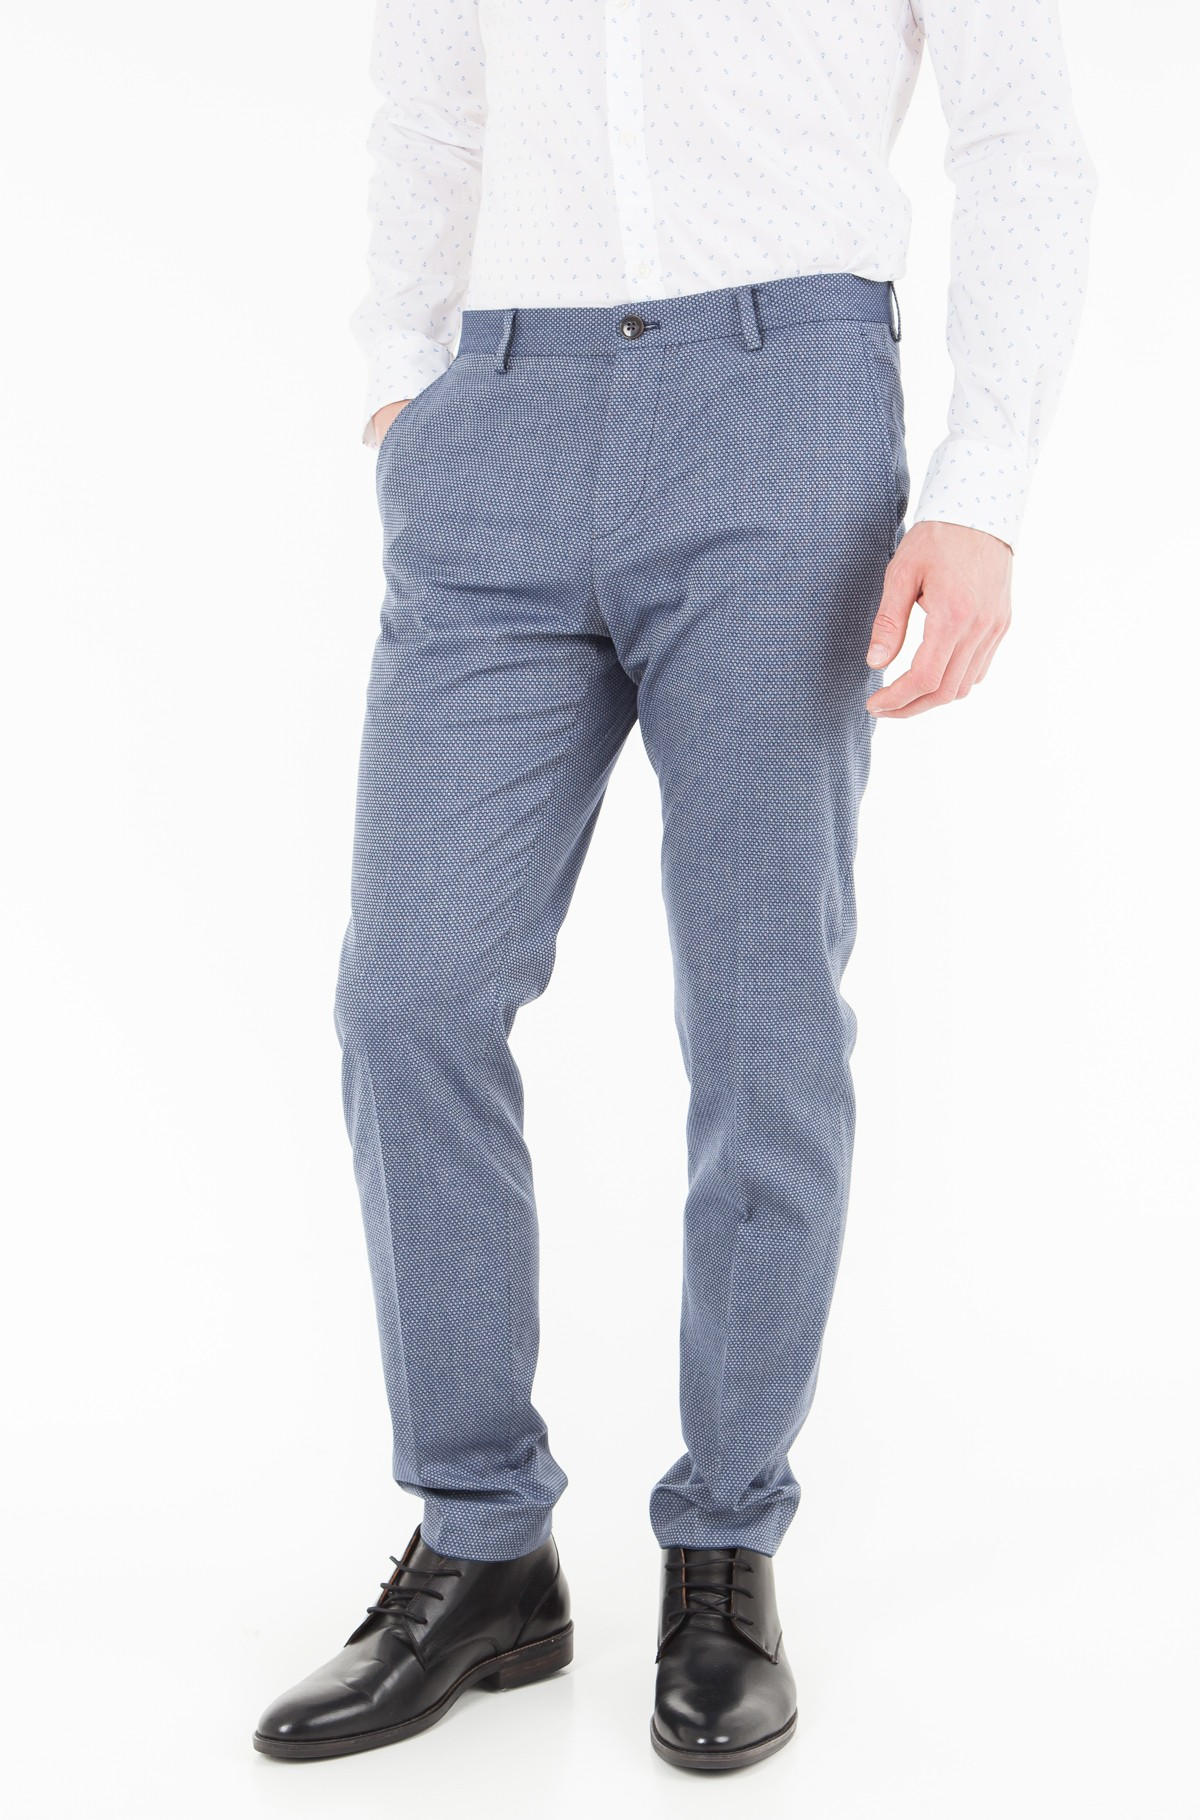 Trousers HMT PNTDSN18301-full-1